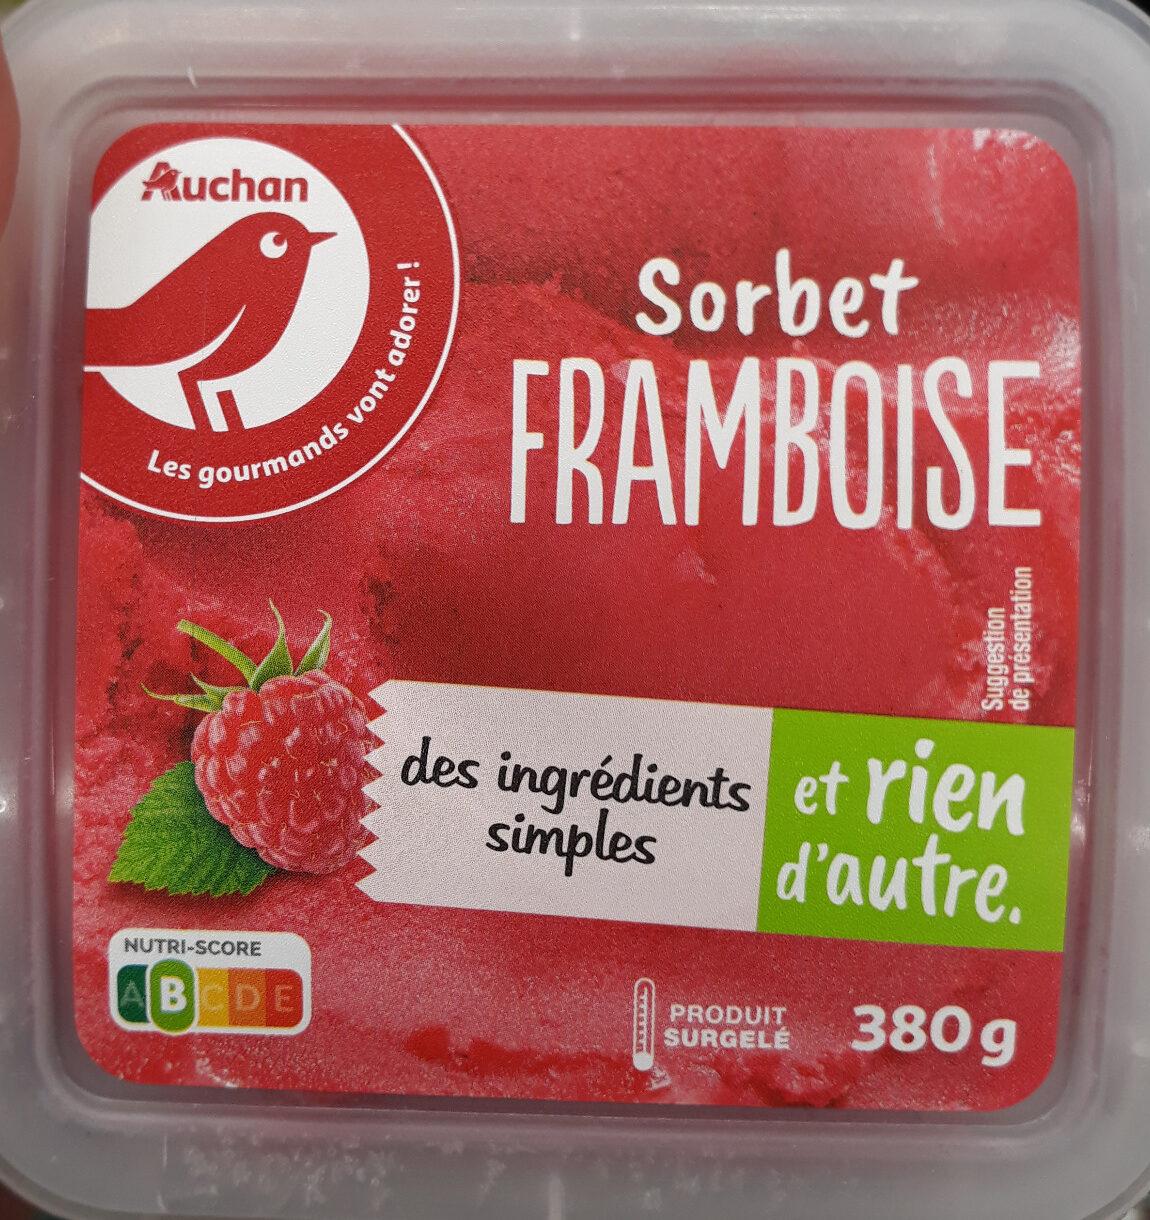 Sorbet framboise - Produit - fr